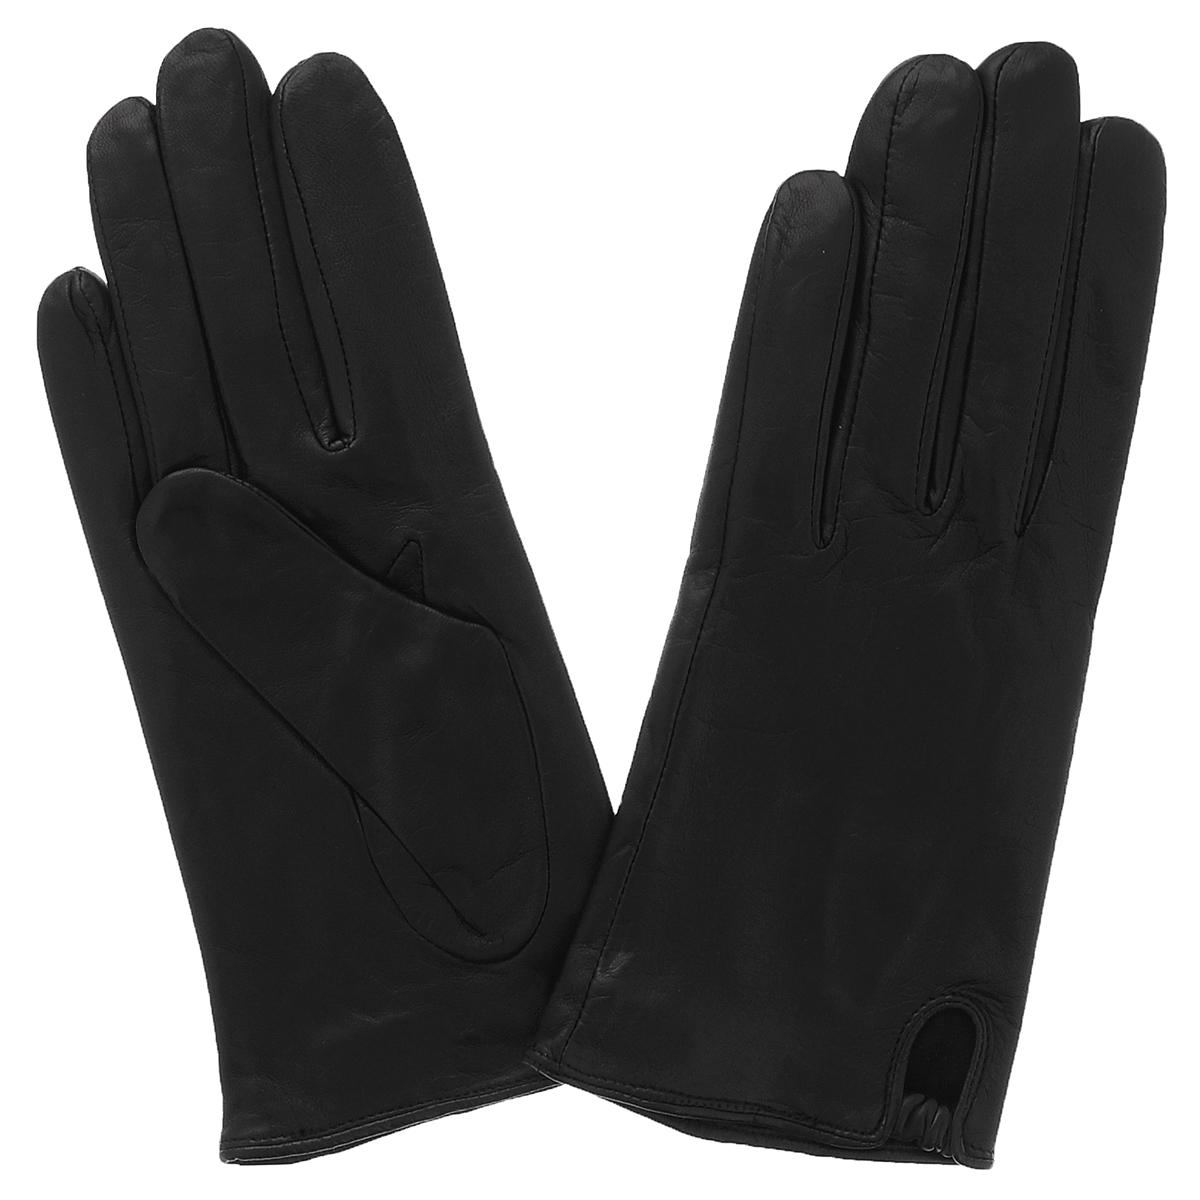 Перчатки женские Dali Exclusive, цвет: черный. 81_NELLA/BL. Размер 7,581_NELLA/BLСтильные перчатки Dali Exclusive с шелковой подкладкой выполнены из мягкой и приятной на ощупь натуральной кожи ягненка.На лицевой стороне предусмотрена небольшая выемка со вставкой из резинки. Такие перчатки подчеркнут ваш стиль и неповторимость.